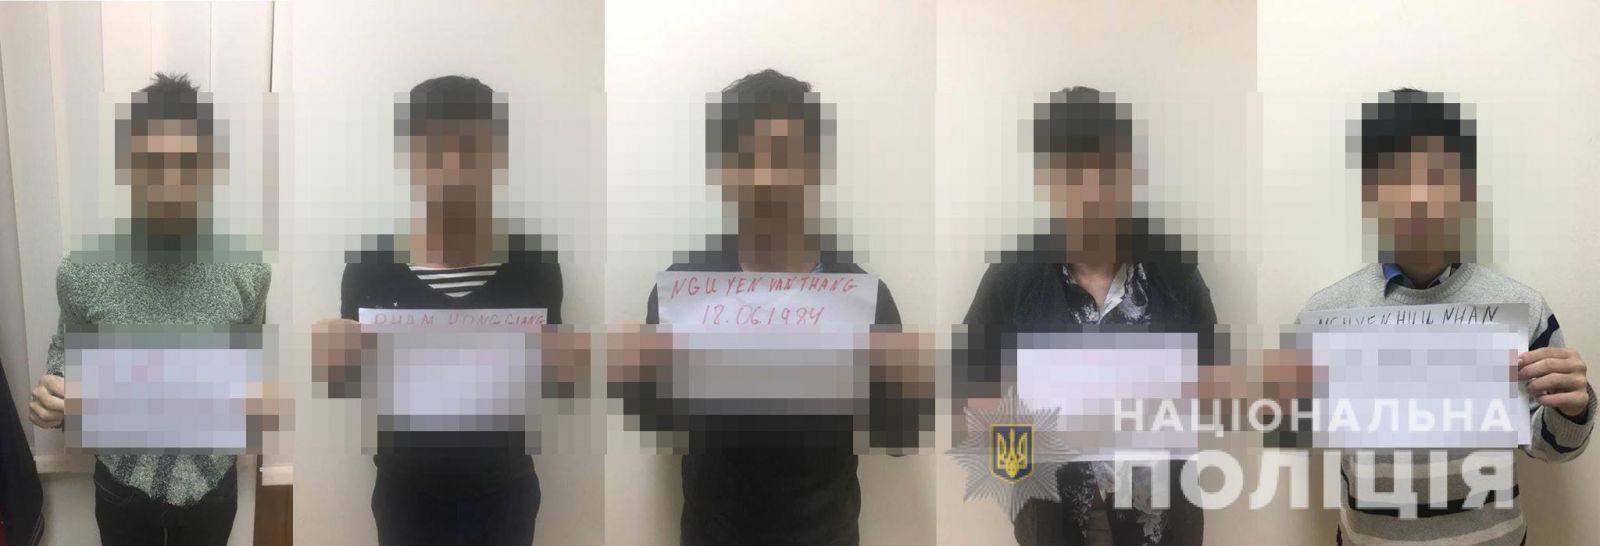 Прикордонники затримали 10 нелегальних мігрантів (ФОТО), фото-1